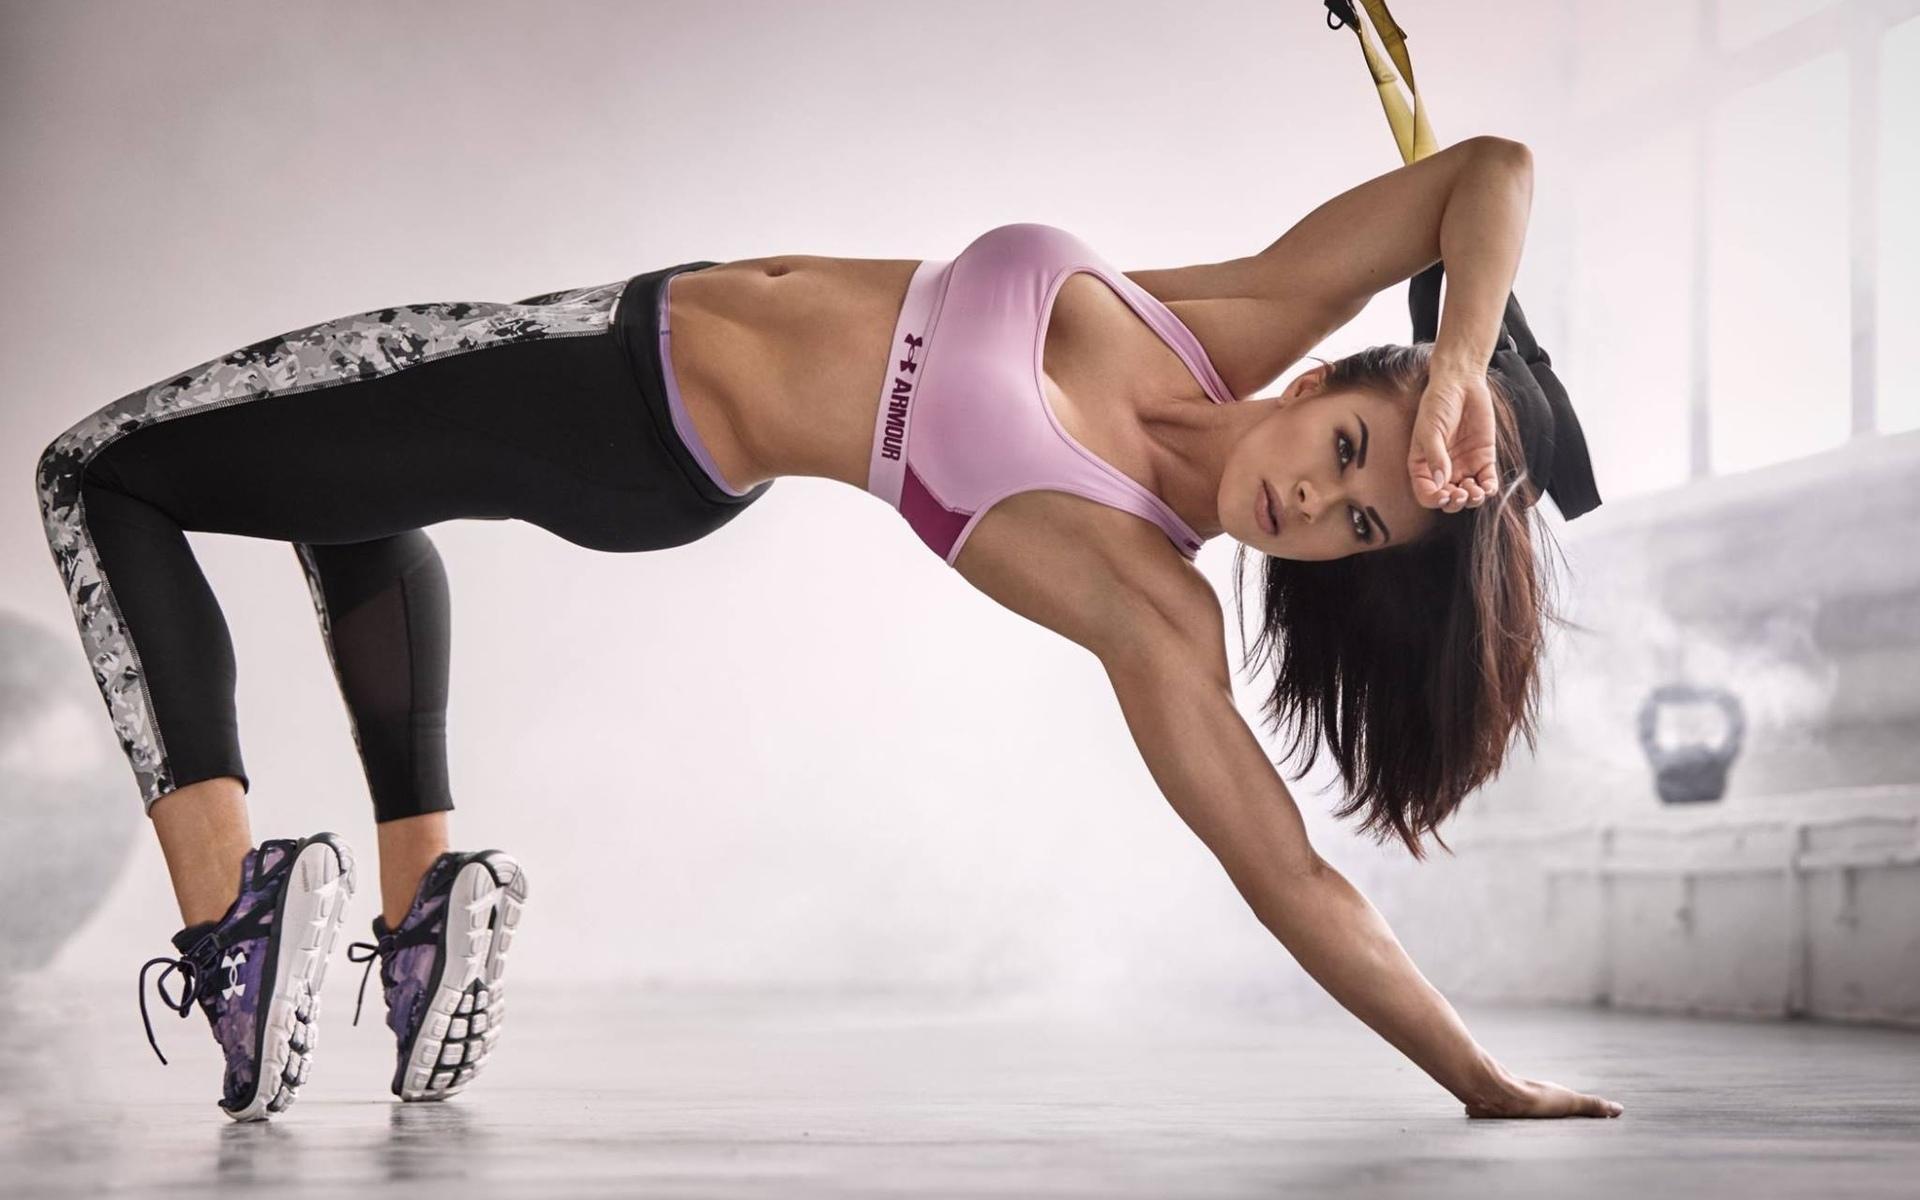 Публикация с тегами: Мотивация, Спорт, Советы, Здоровье